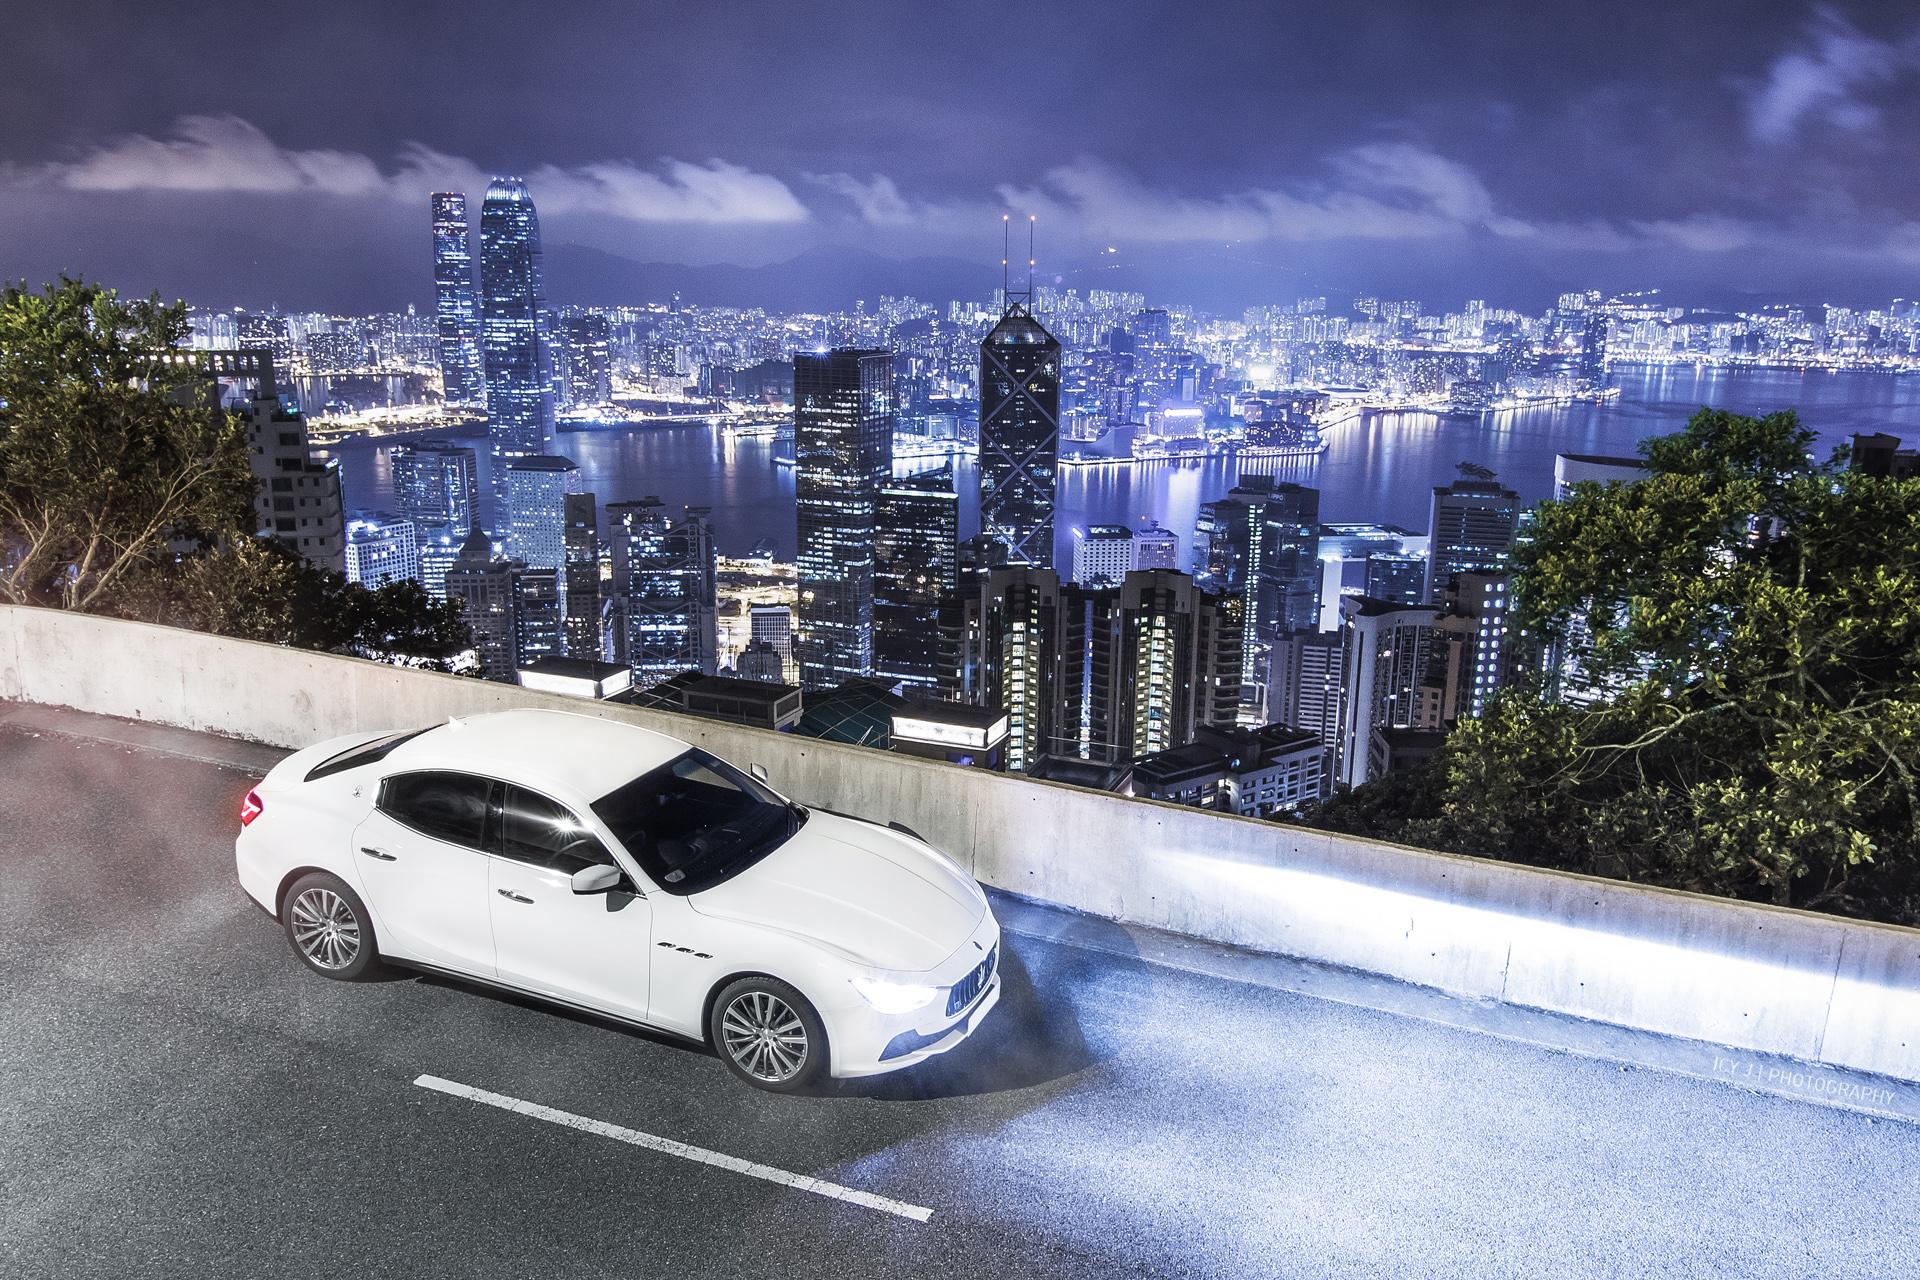 Hintergrundbilder : Beleuchtung, Weiß, Nacht-, Auto, Fahrzeug, Insel ...